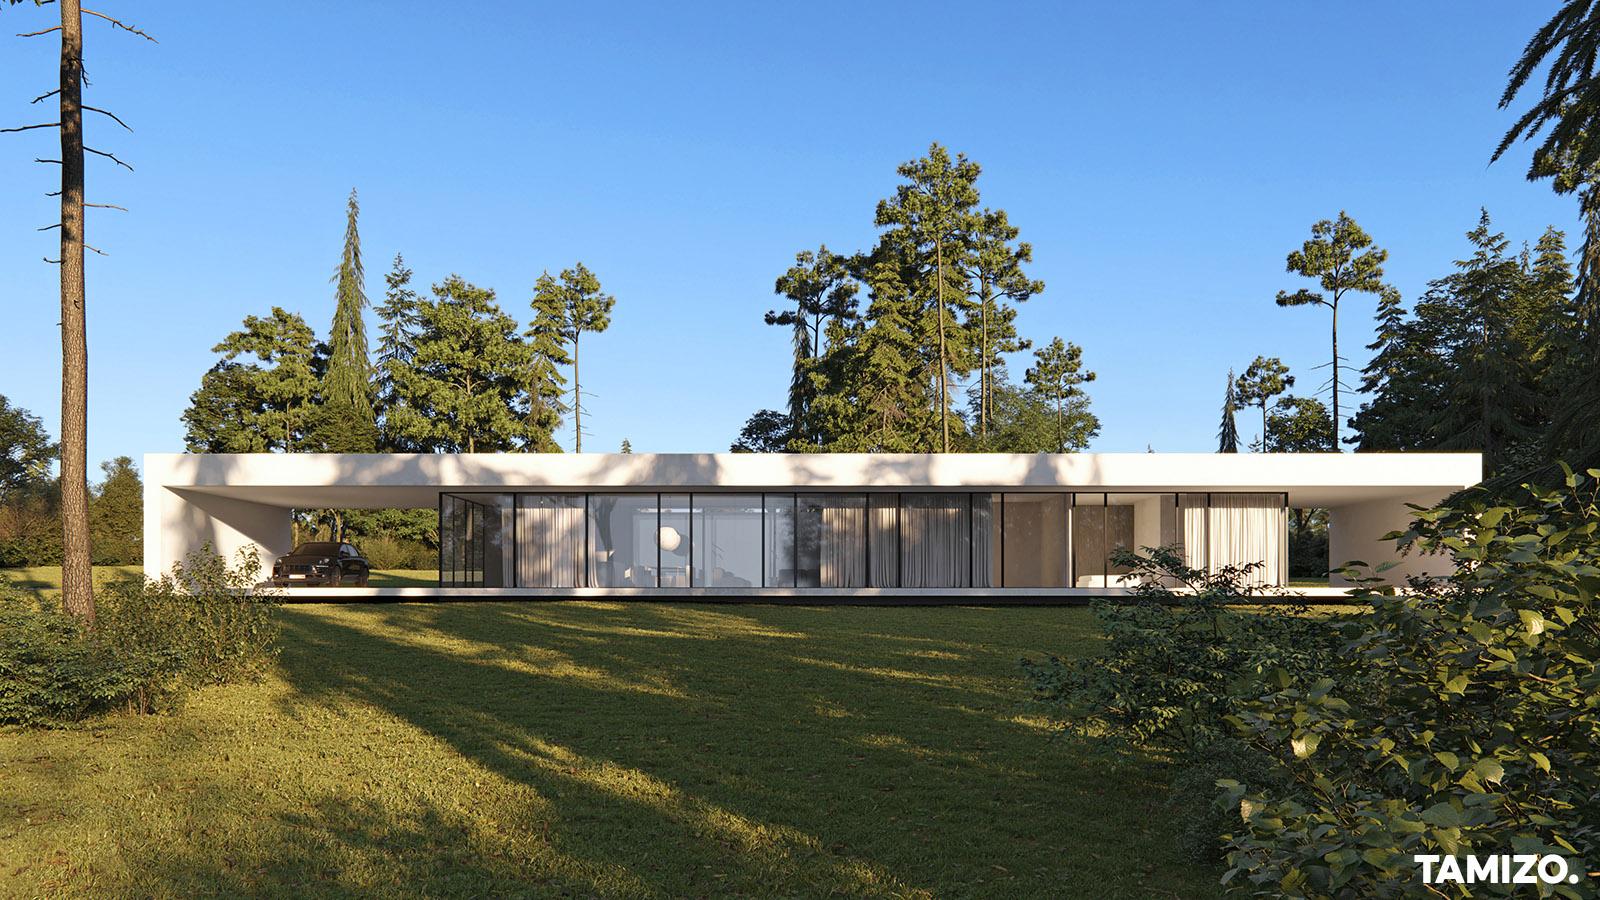 A097_tamizo_dom_jednorodzinny_architekci_lodz_rezydencja_house_projekt_domu_minimalistyczny_06